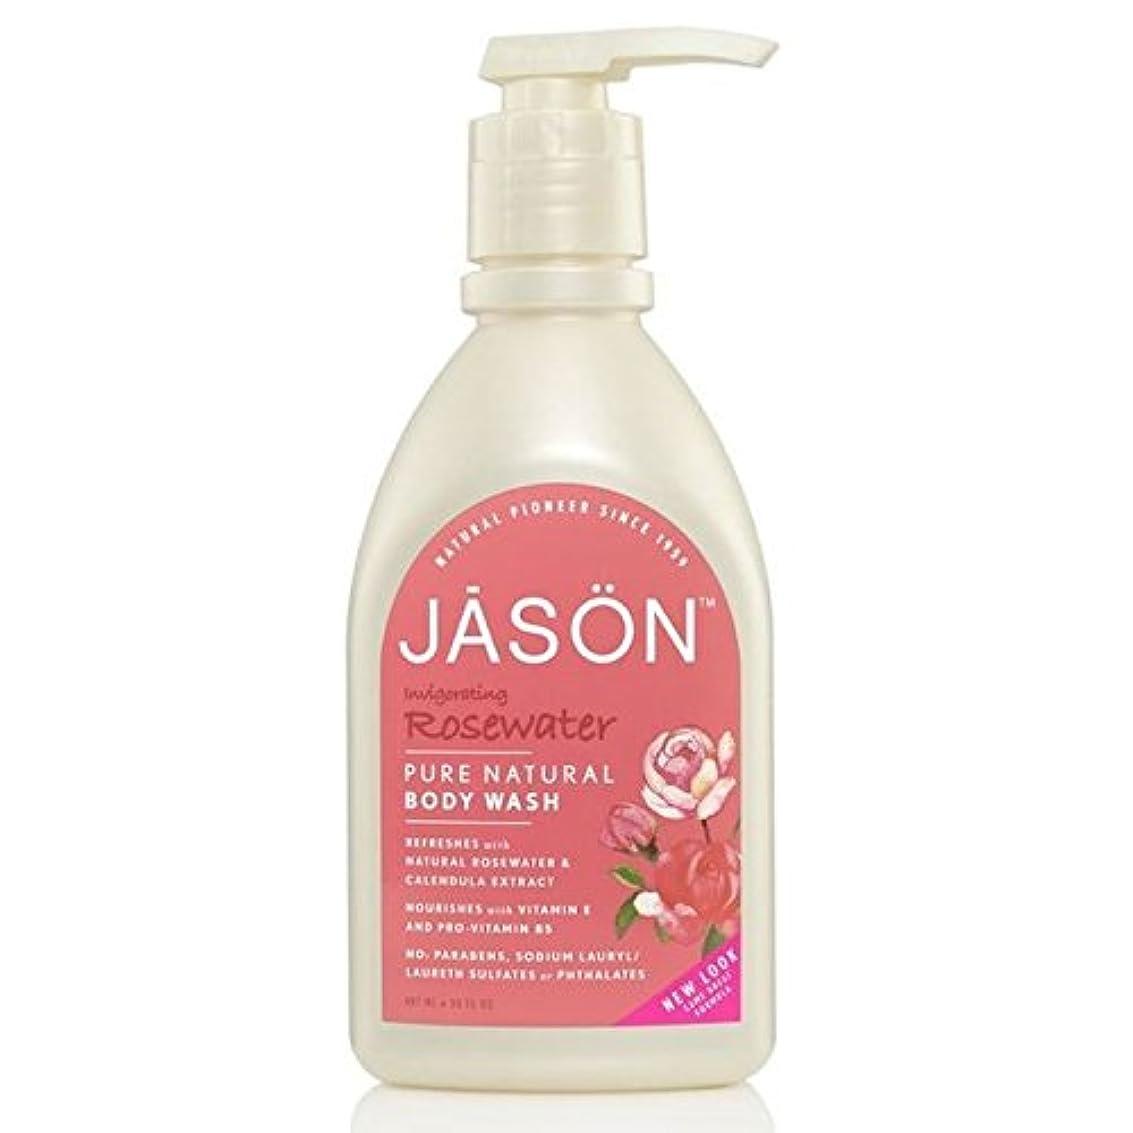 失効ロデオ下線Jason Body Wash Rosewater Satin Shower 900ml - ジェイソン?ボディウォッシュローズウォーターサテンシャワー900ミリリットル [並行輸入品]